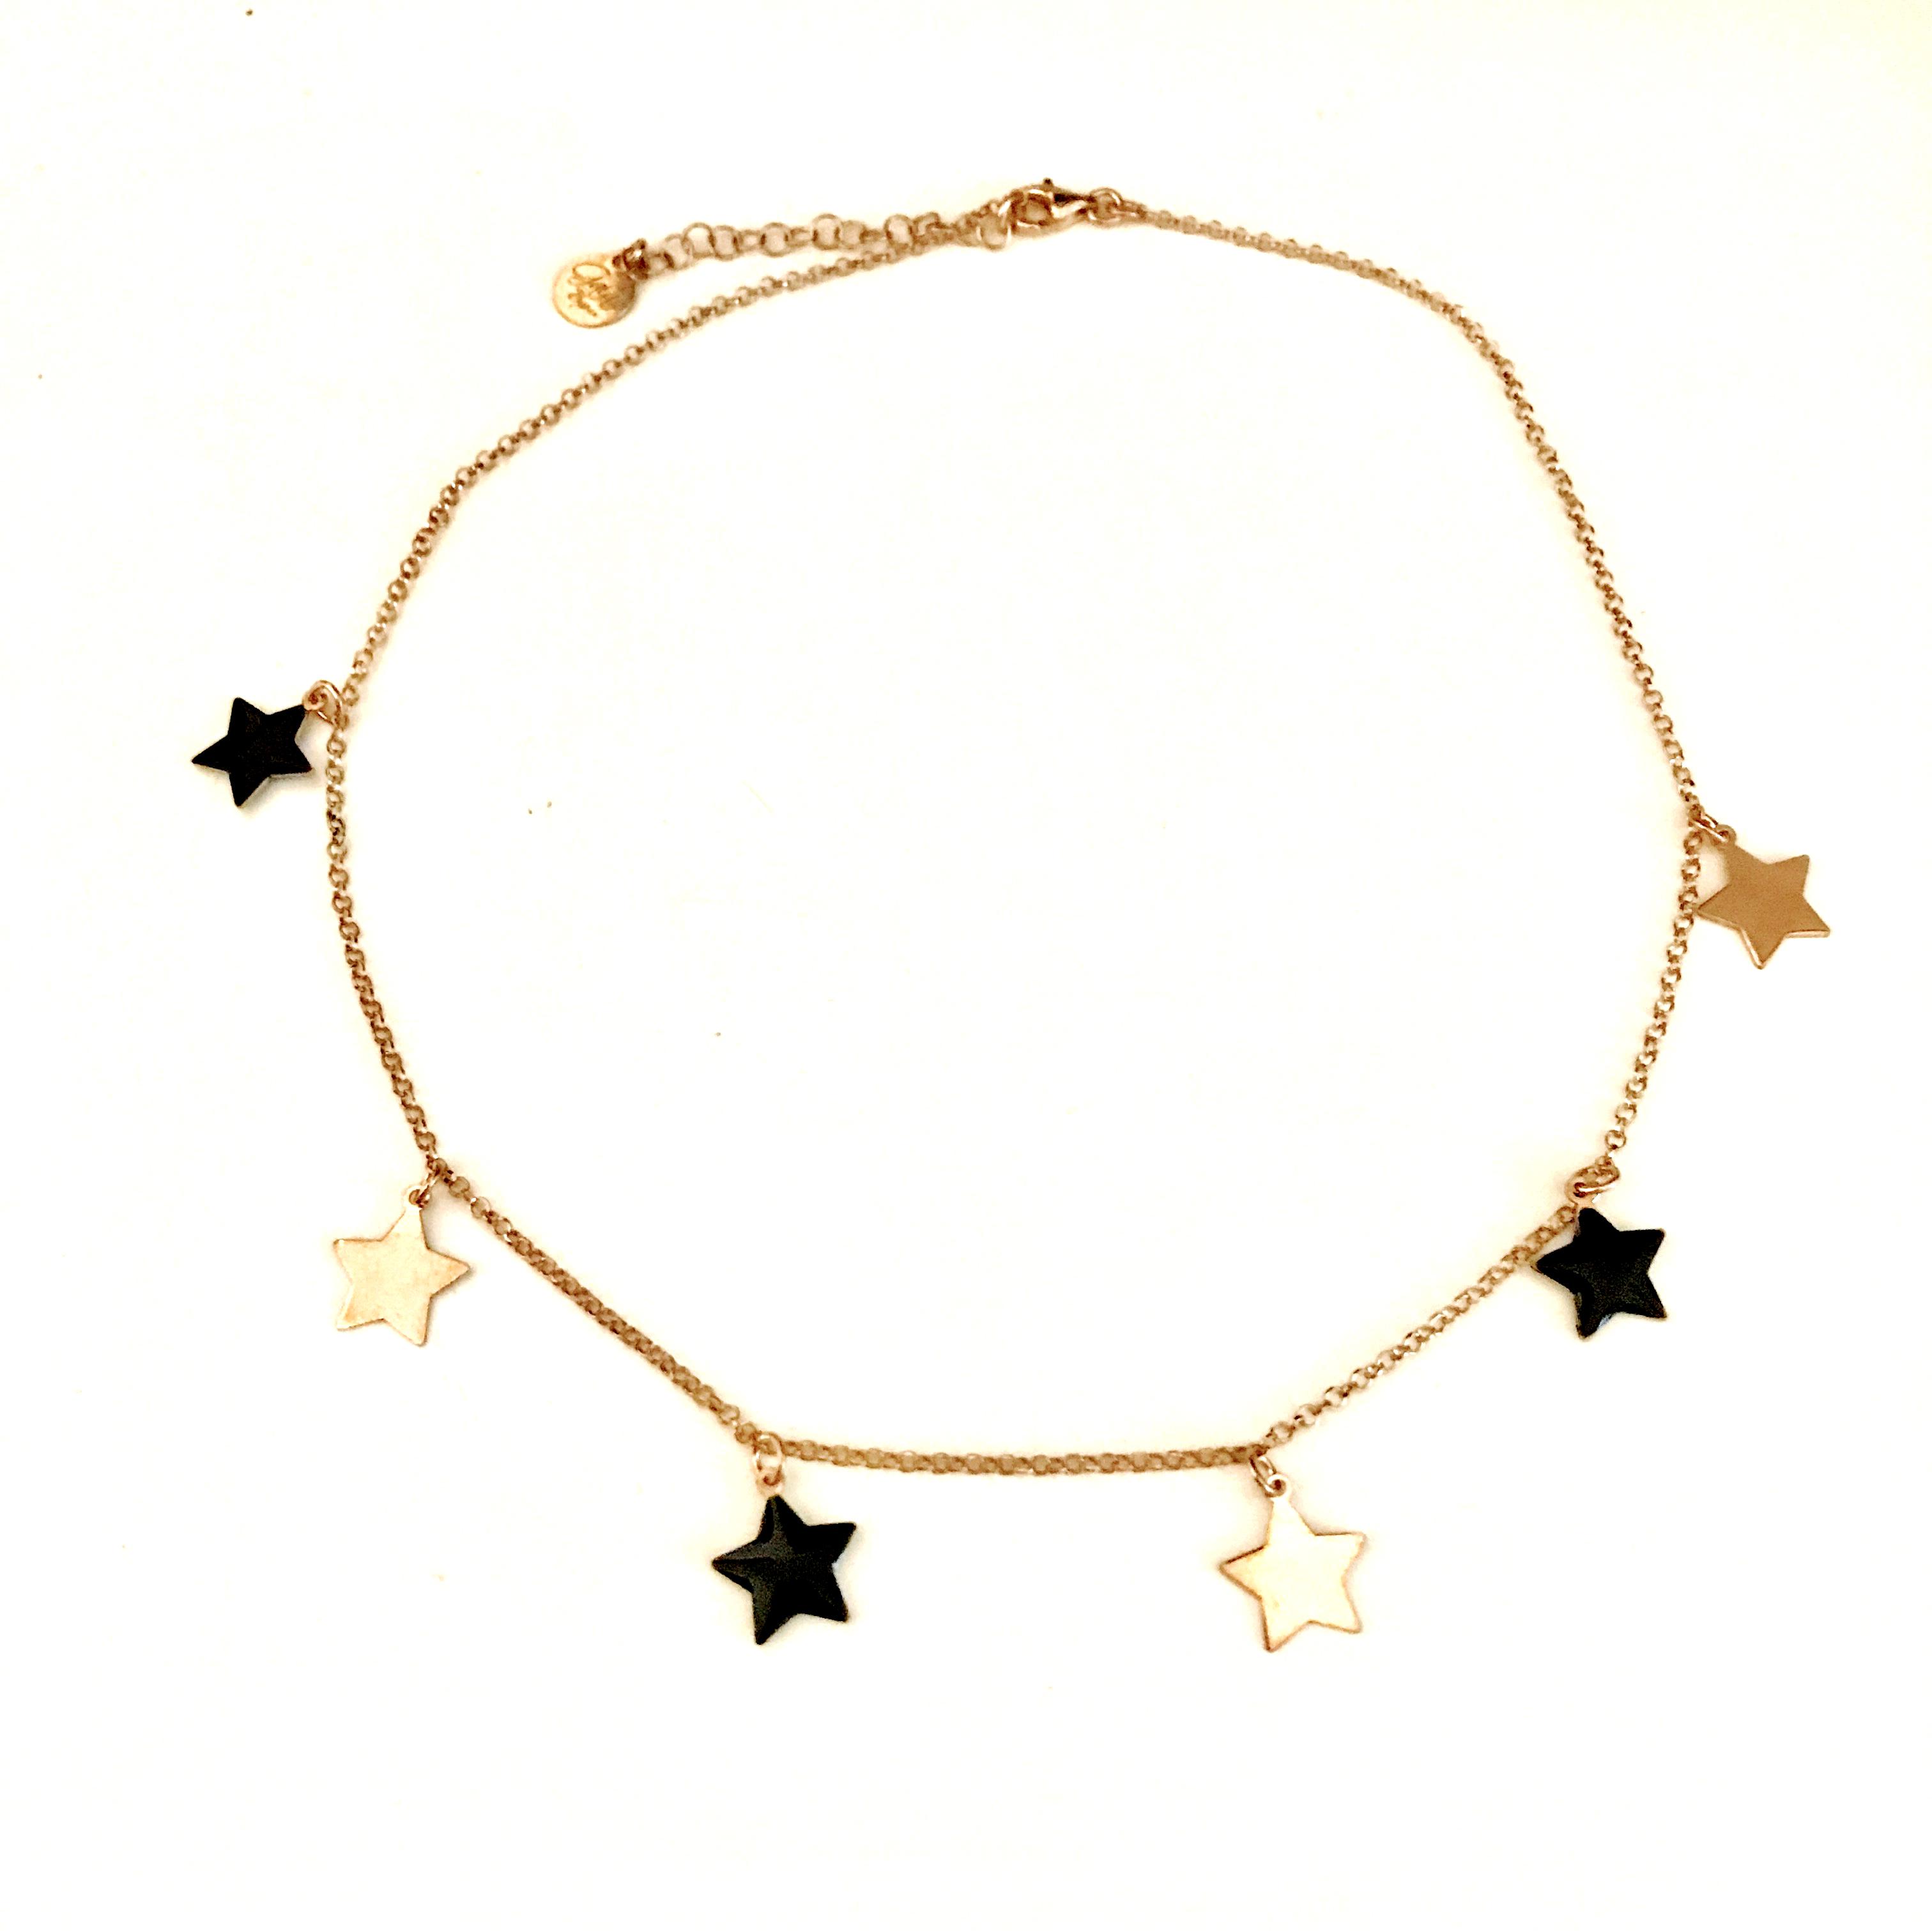 migliore a buon mercato 0d952 d9308 Collana girocollo stelle pendenti